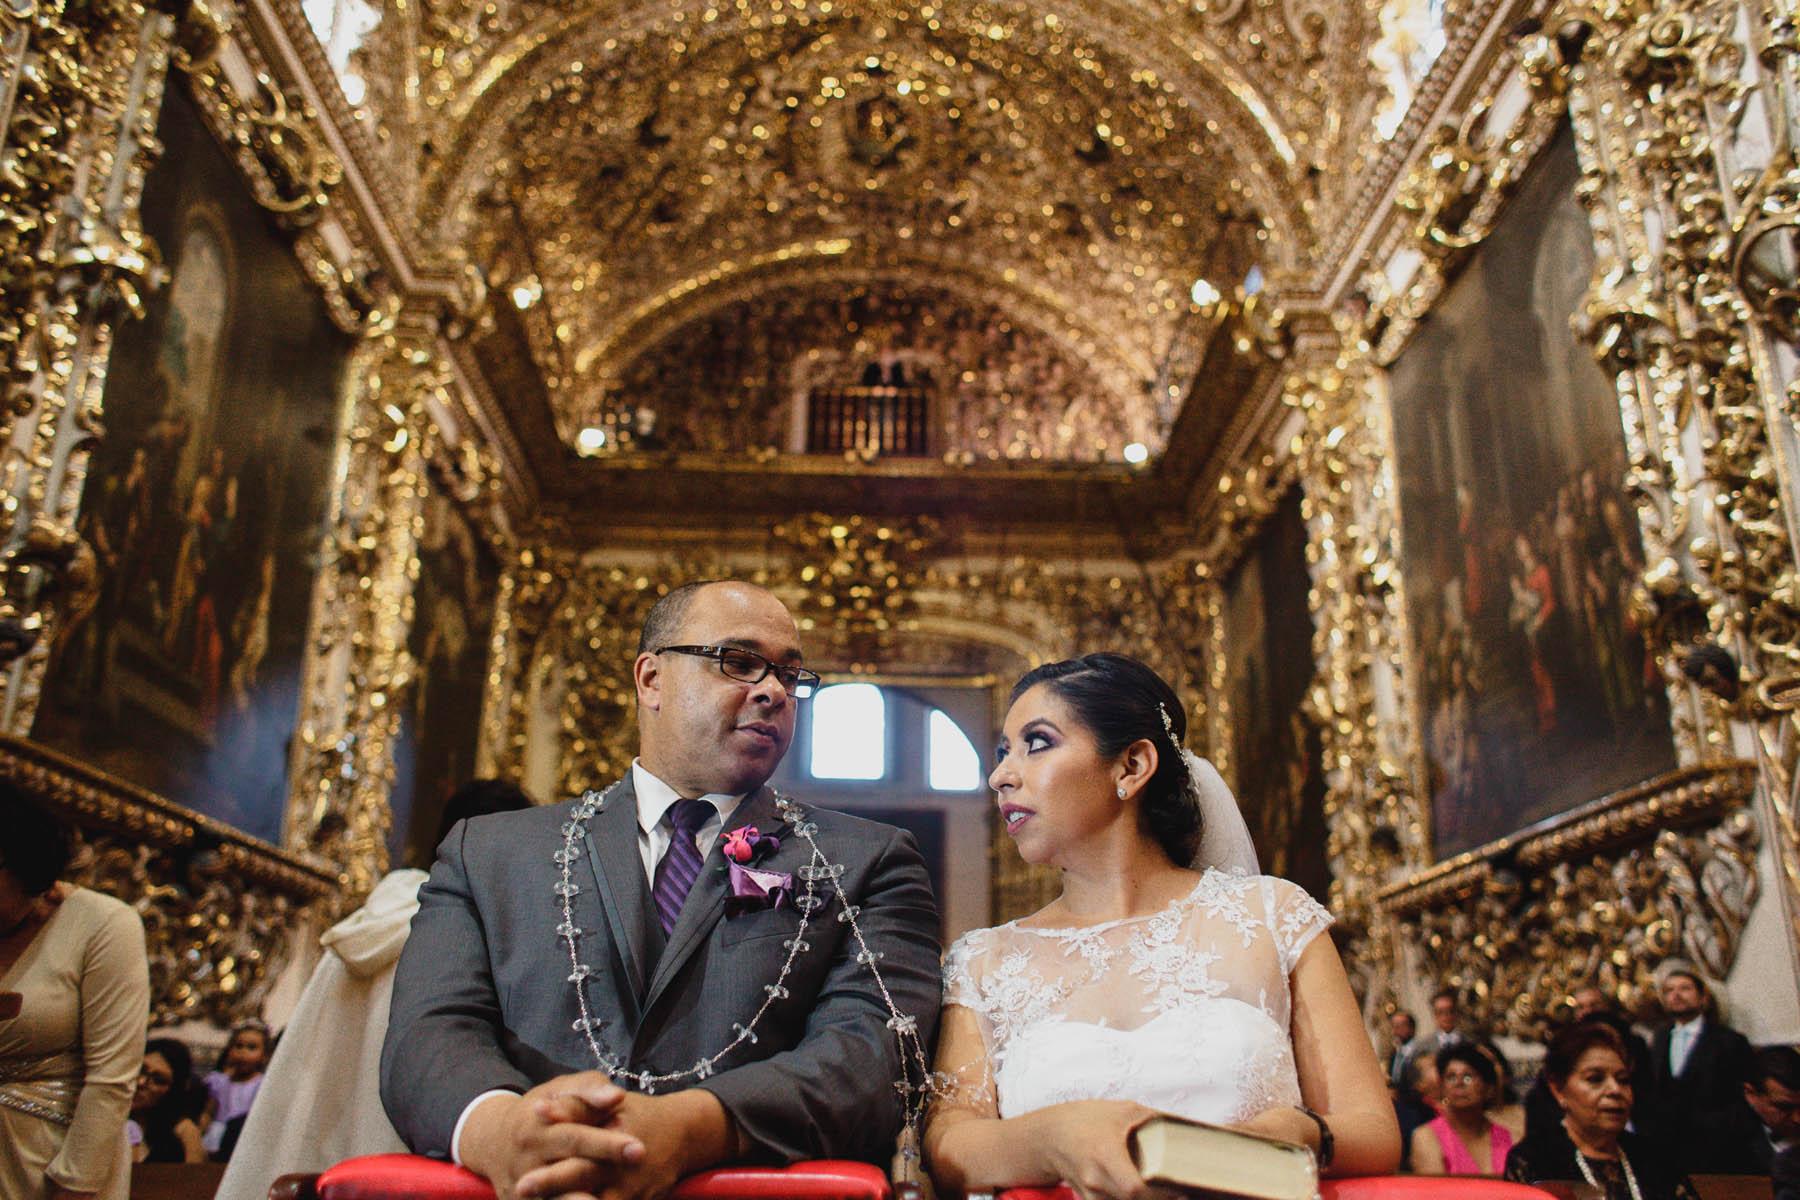 bodas-quinta-real-puebla-65